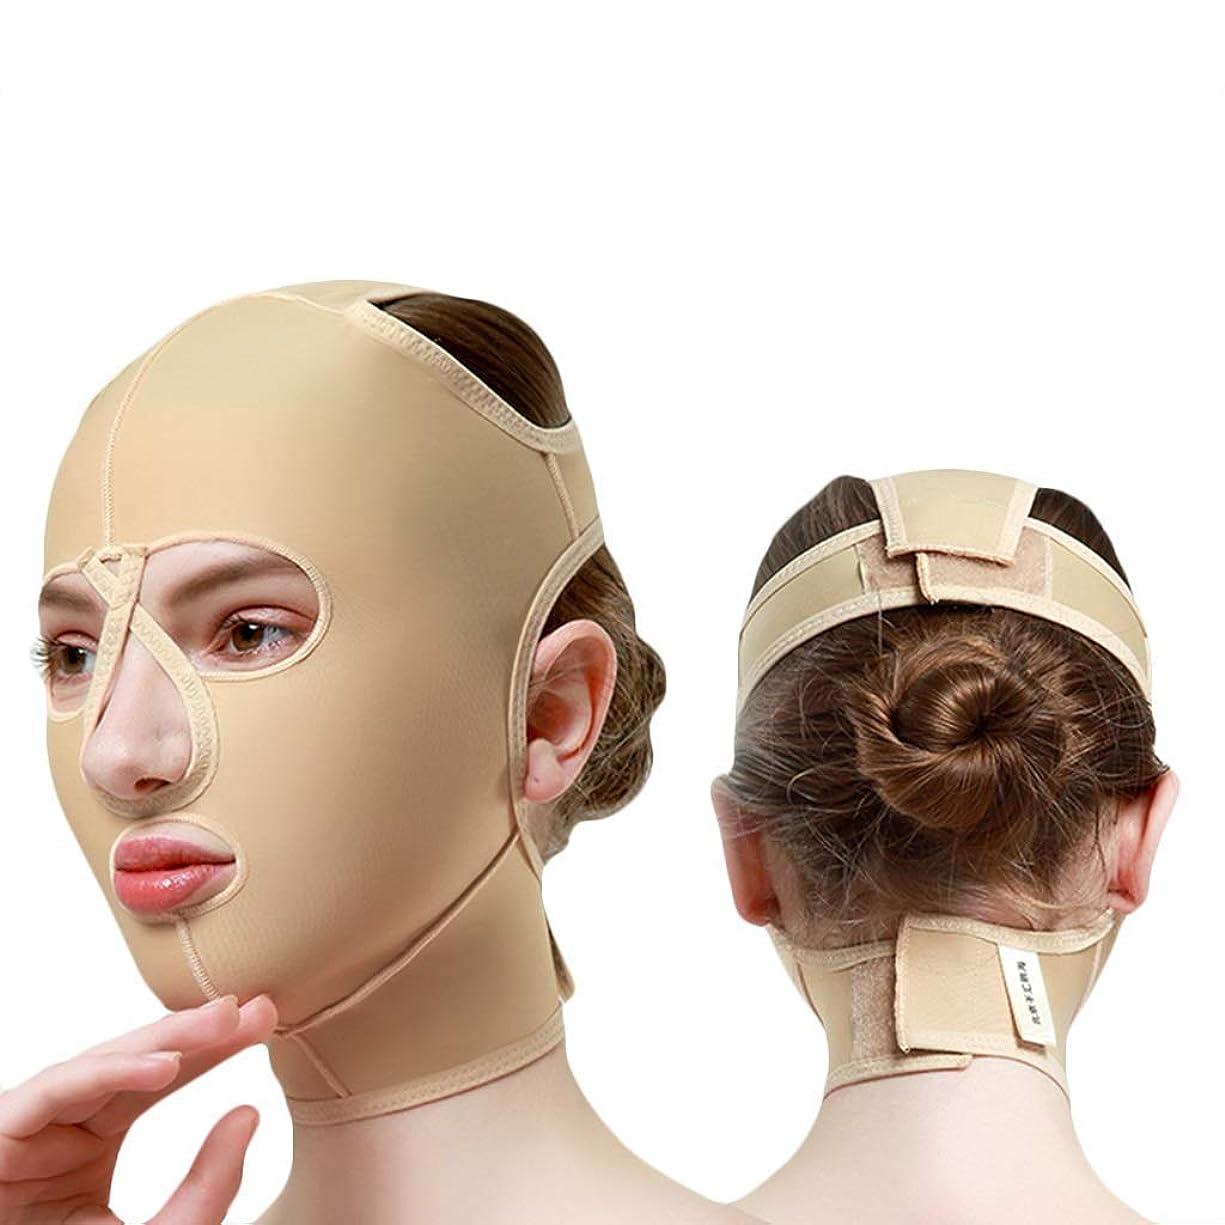 プランターよく話される知覚的チンストラップ、顔彫りツール、リフティングマスク、ダブルチンリデューサー、フェイスリフティングエラスティックマスクメス(サイズ:M),XXL